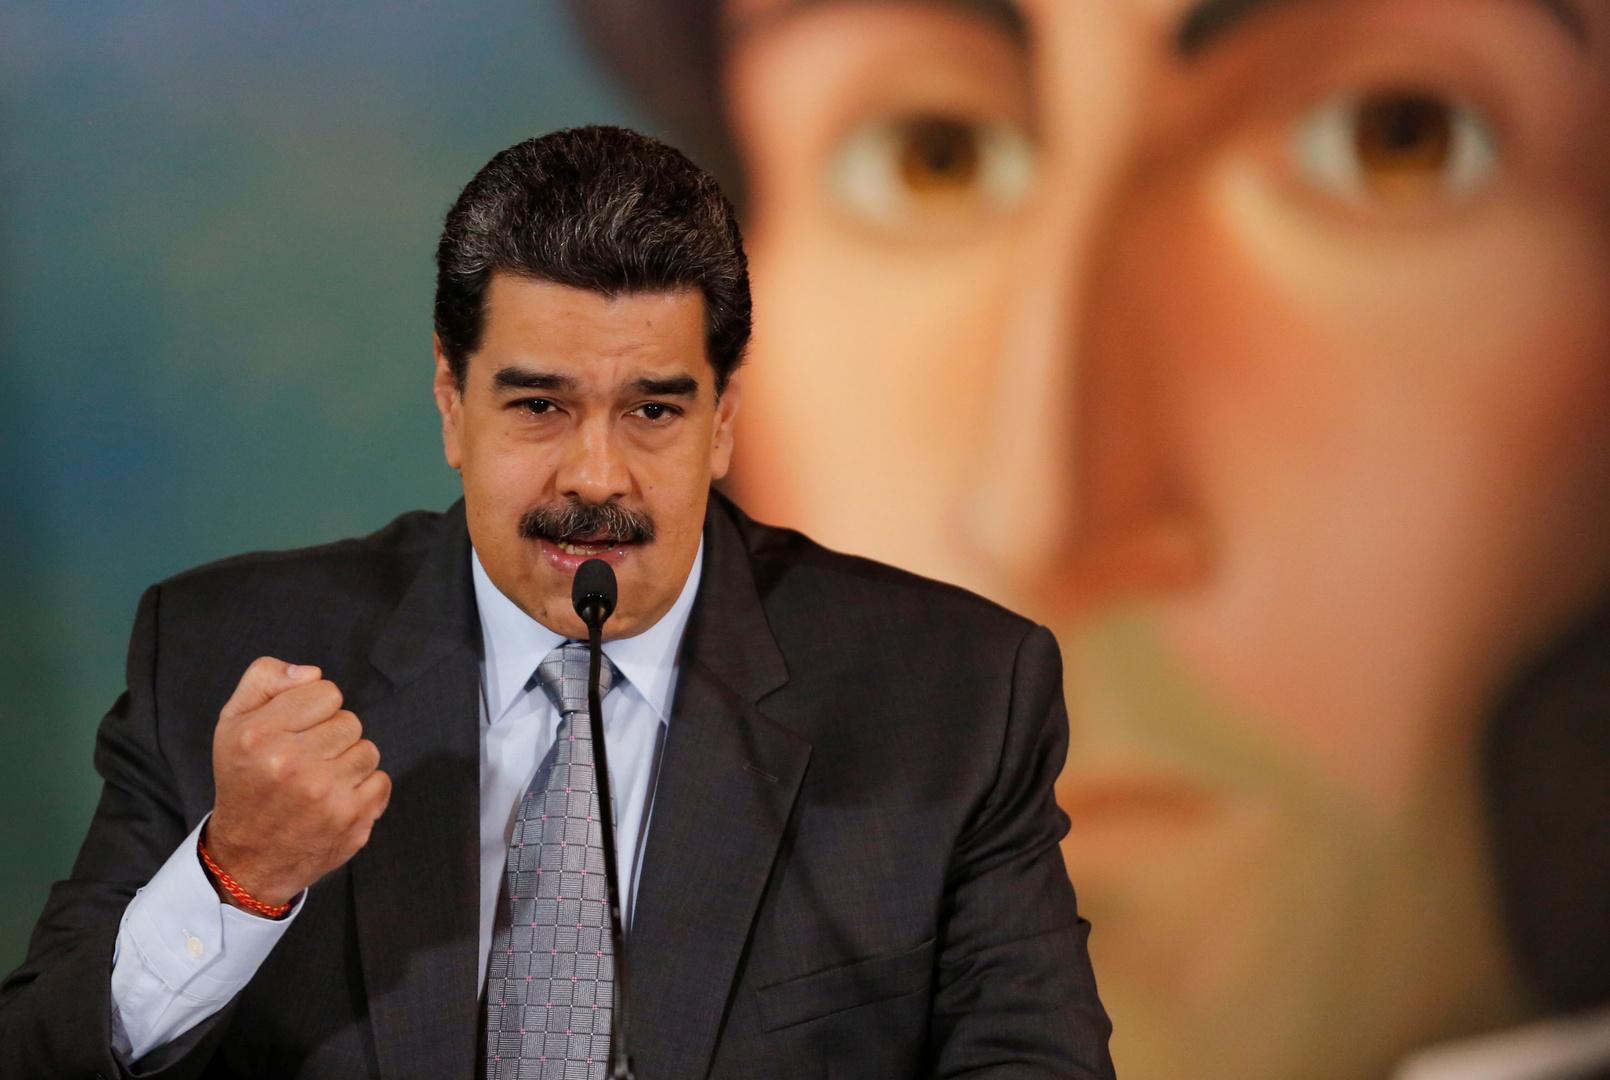 كاراكاس- باراباس: جو بايدن لن يتخلى عن الضغط على فنزويلا